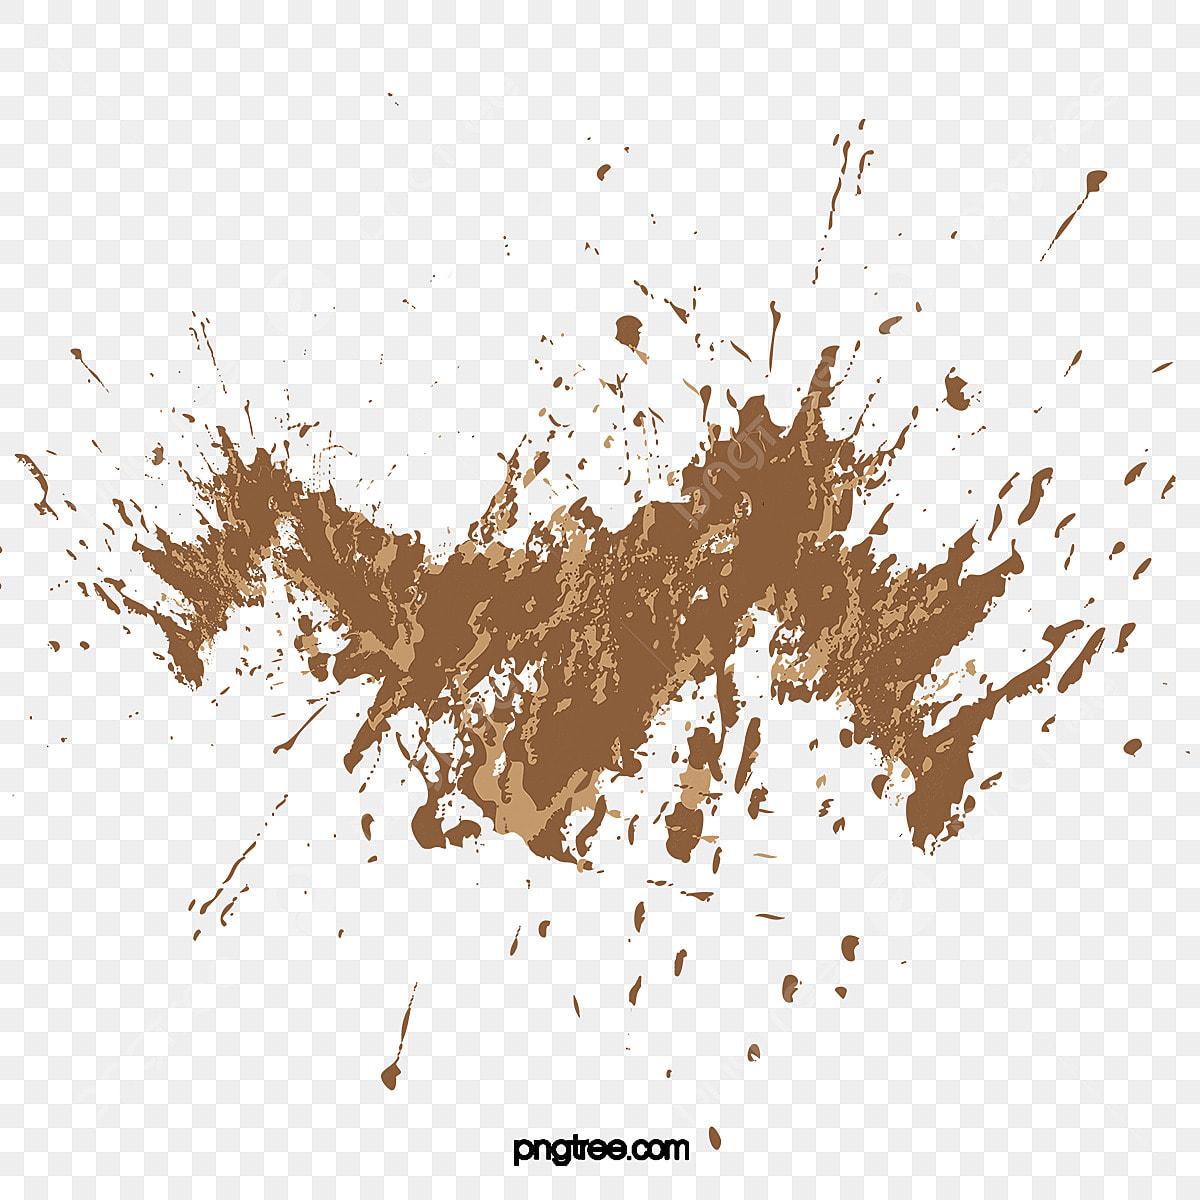 Mud Stock Illustrations – 17,312 Mud Stock Illustrations, Vectors & Clipart  - Dreamstime